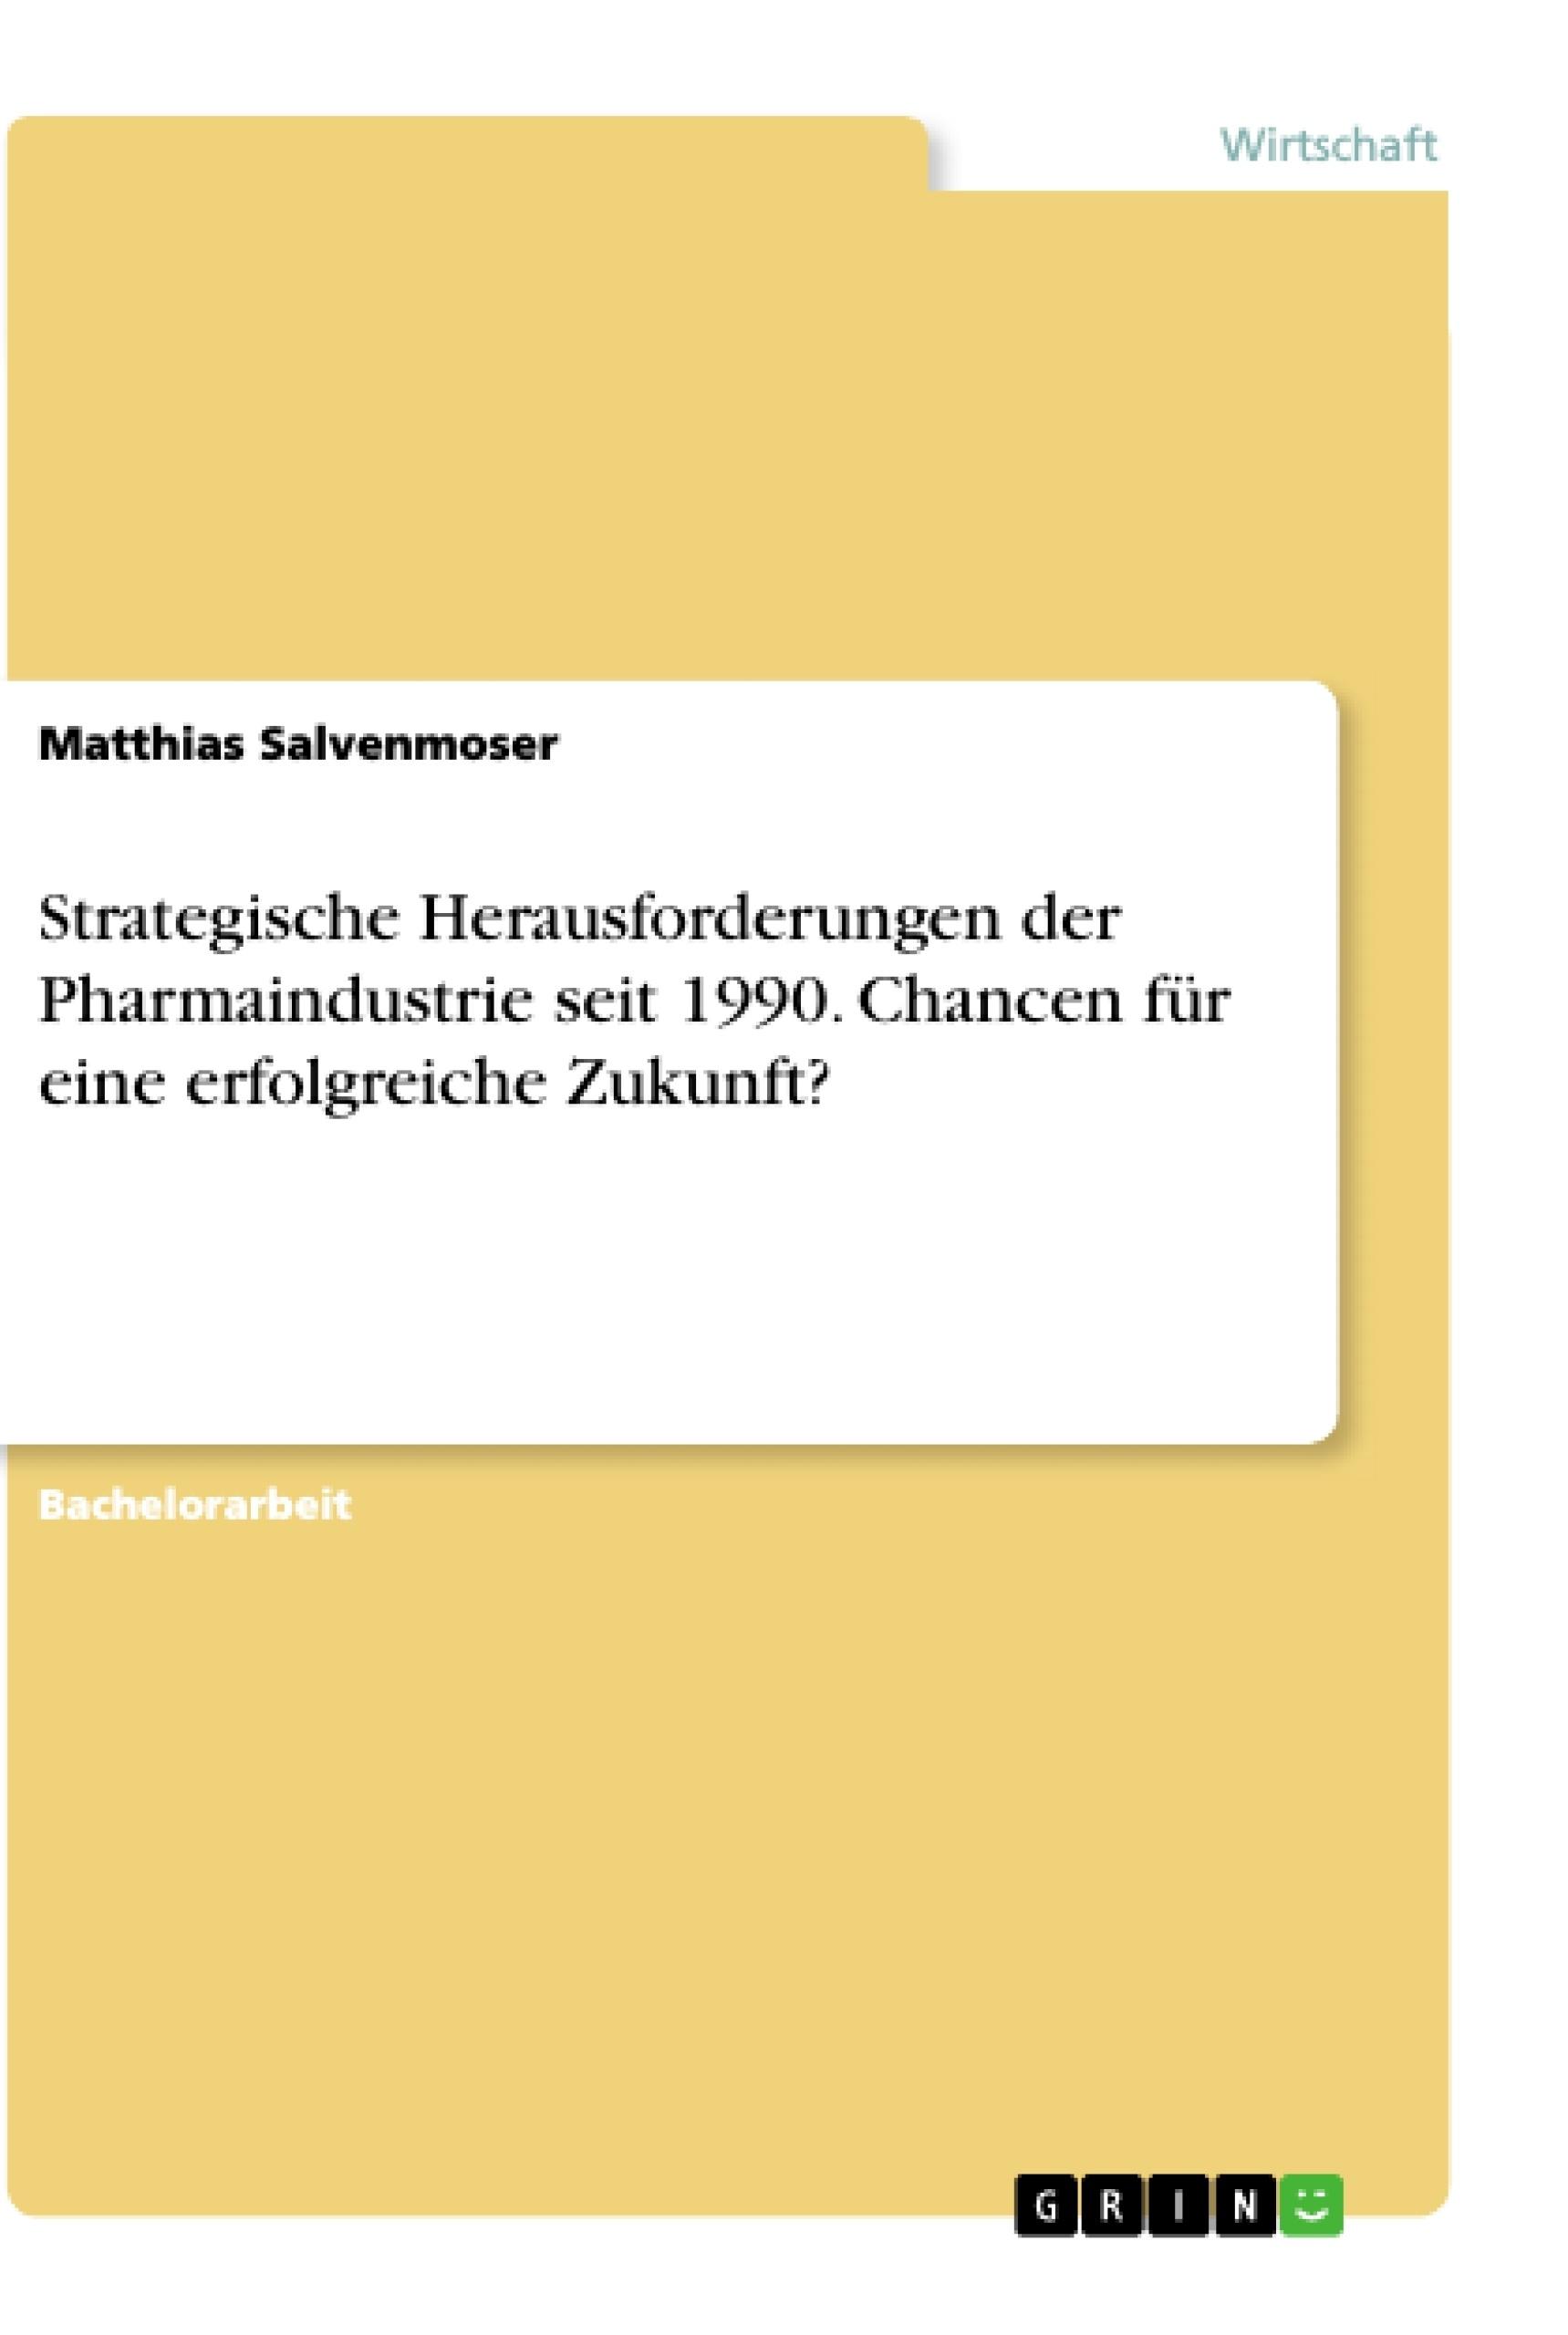 Titel: Strategische Herausforderungen der Pharmaindustrie seit 1990. Chancen für eine erfolgreiche Zukunft?